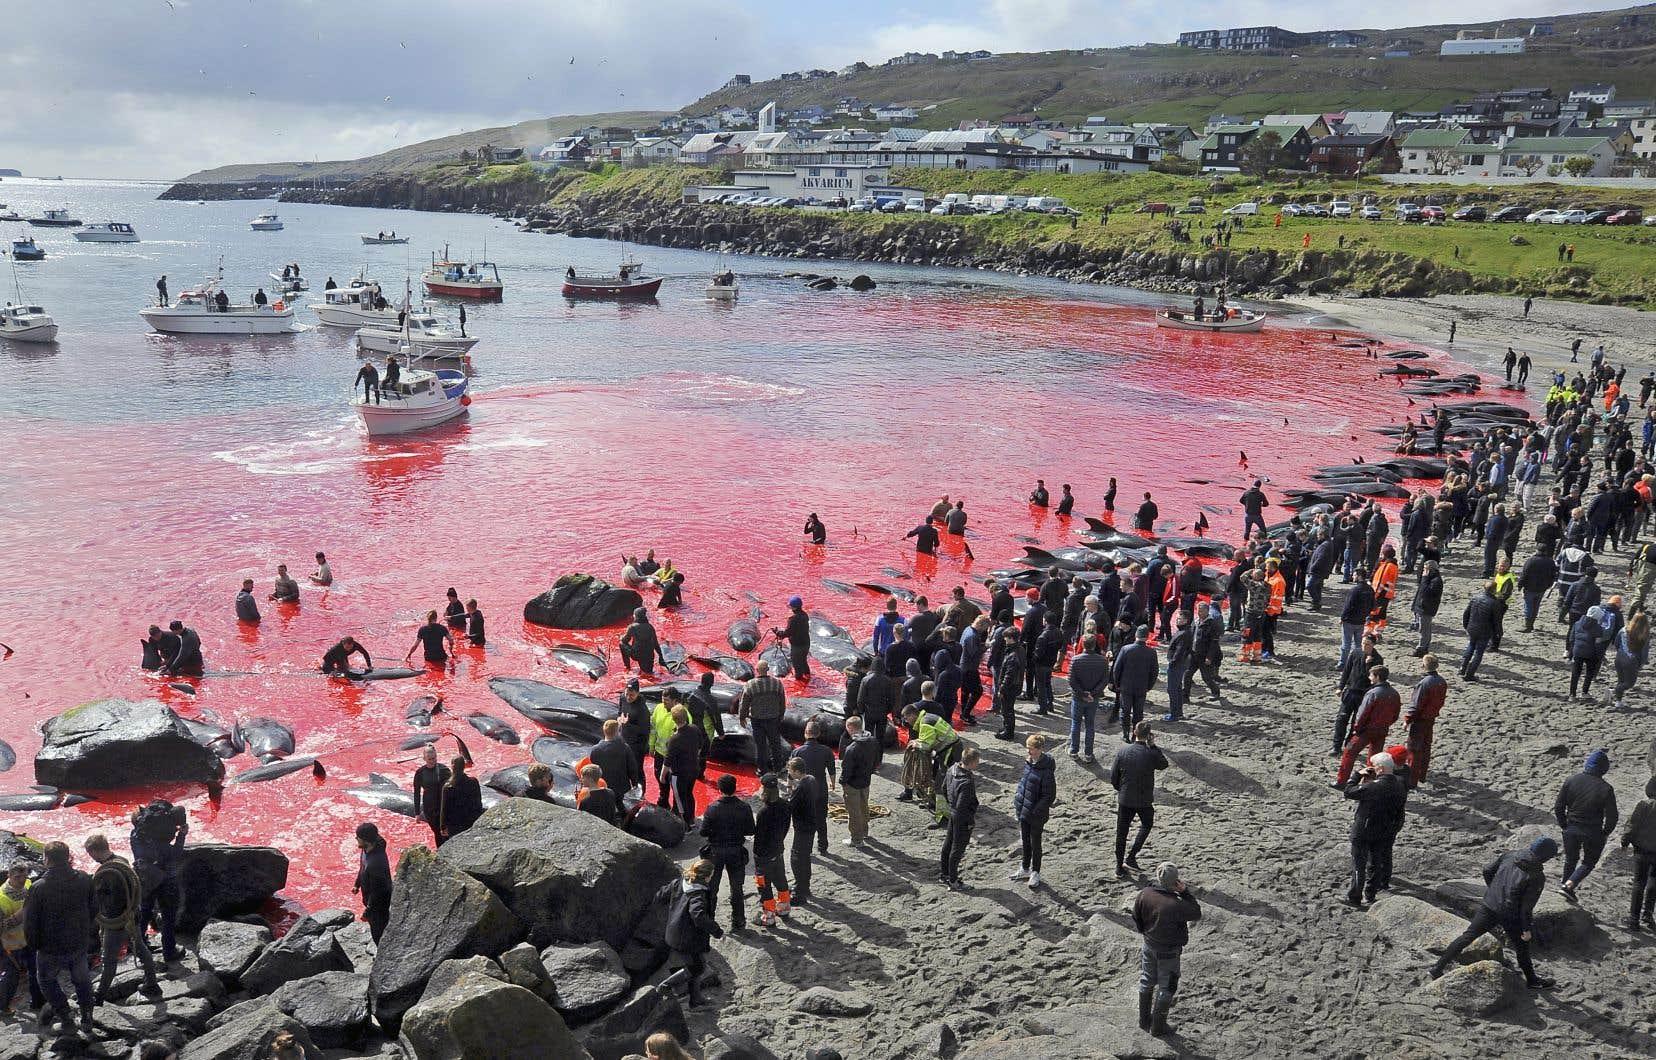 Les Féroïens utilisent leurs bateaux de pêche pour effaroucher et rabattre des troupeaux de globicéphales, mais aussi d'autres espèces de dauphins, vers une baie, où ils sont mis à mort.